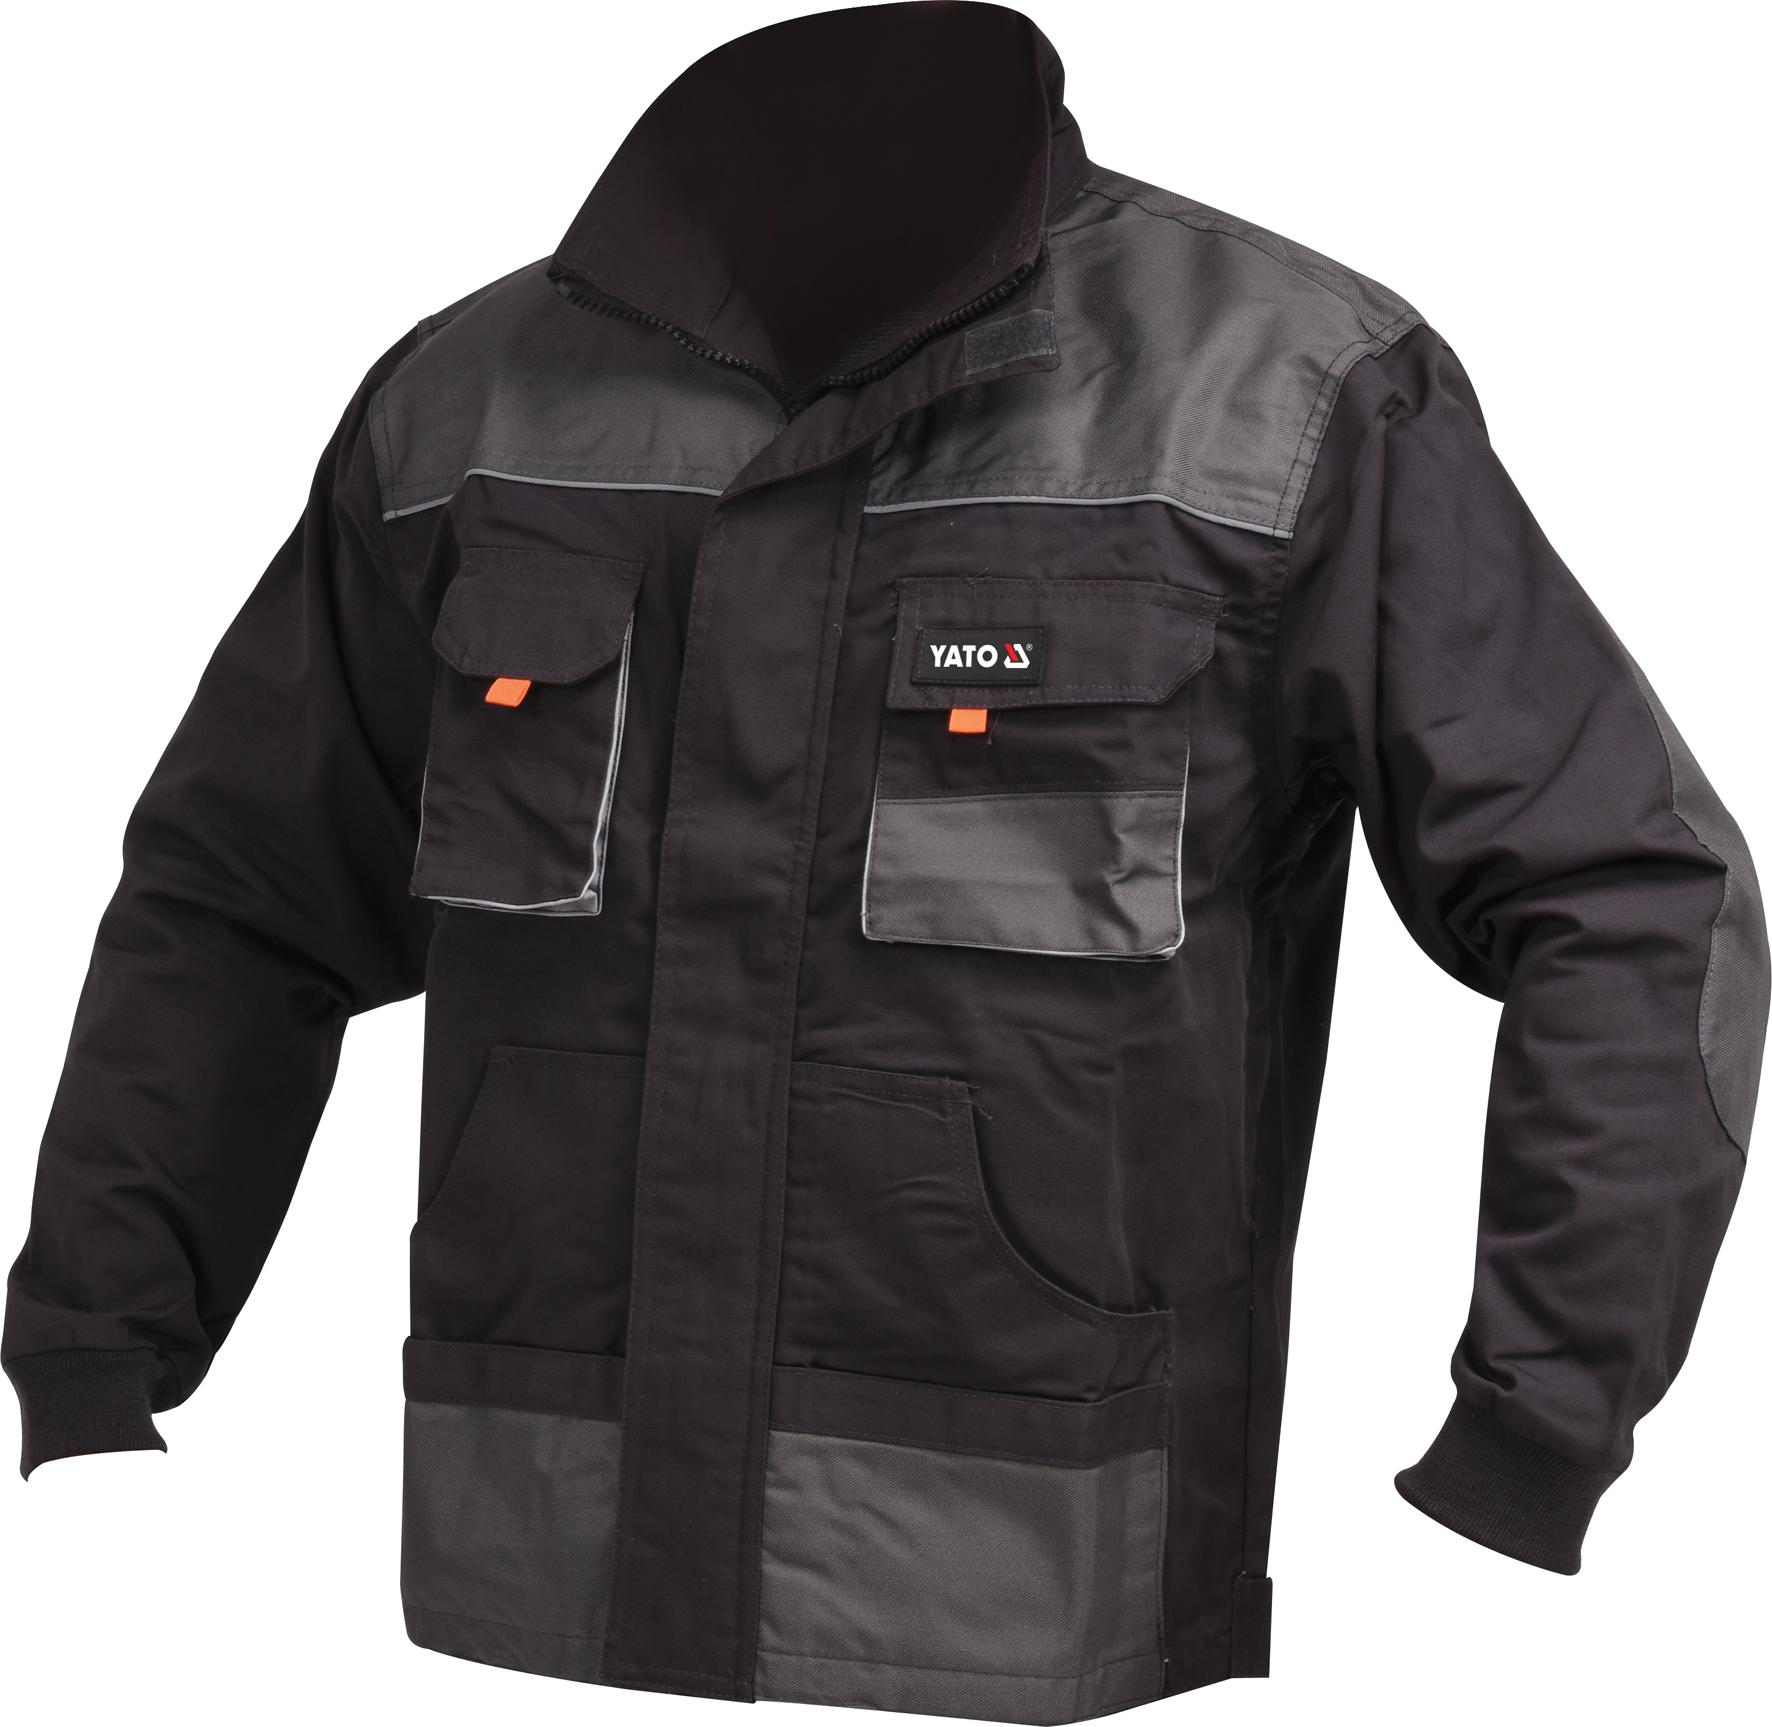 Pracovní bunda vel. L/XL